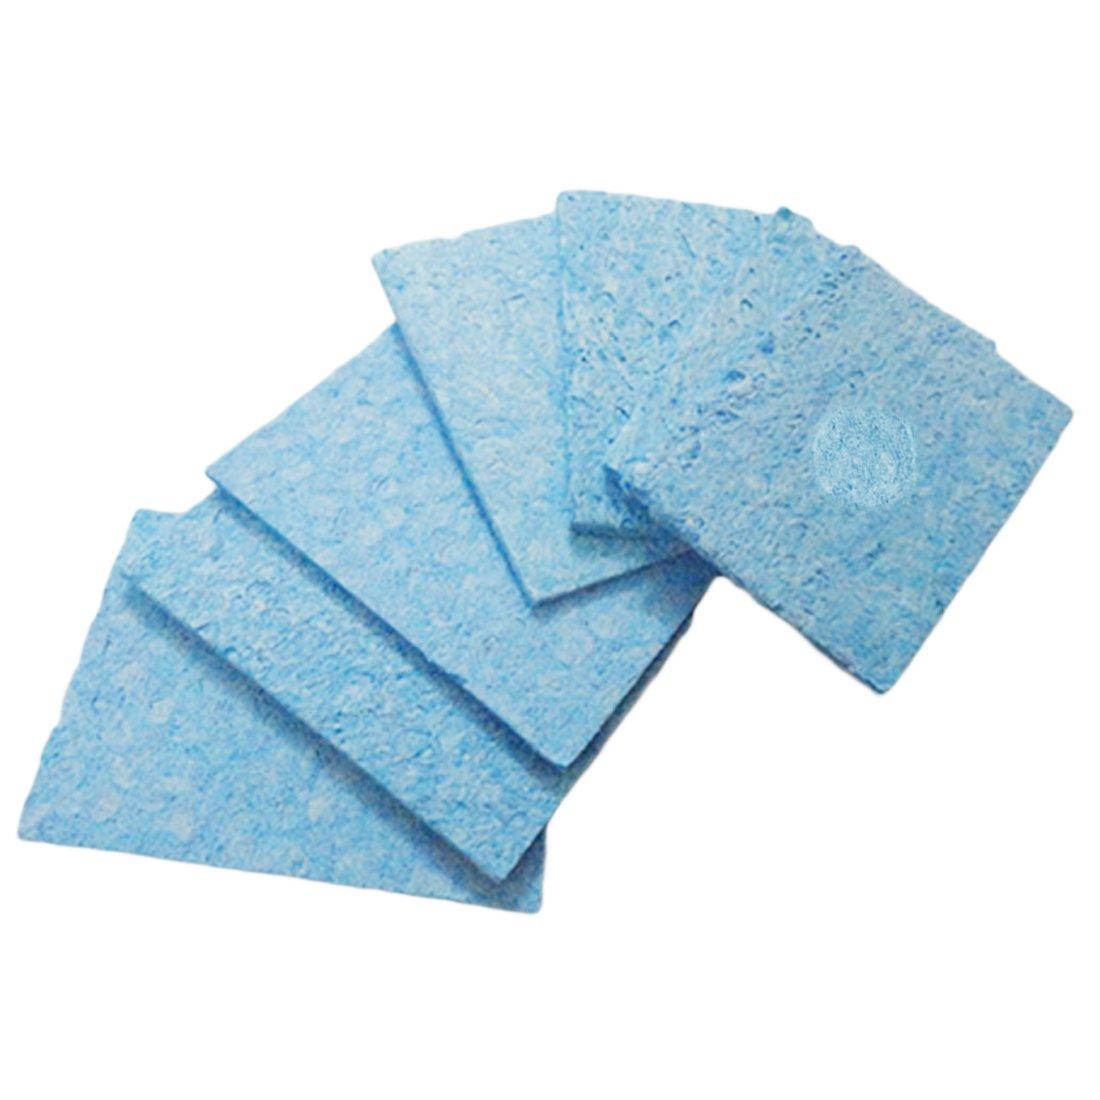 5pcs Nettoyage Éponge Pads À Souder Fer À Souder Pointe Soudage Bleu et Jaune Couleur Aléatoire 6cm * 6 cm 91ai-store